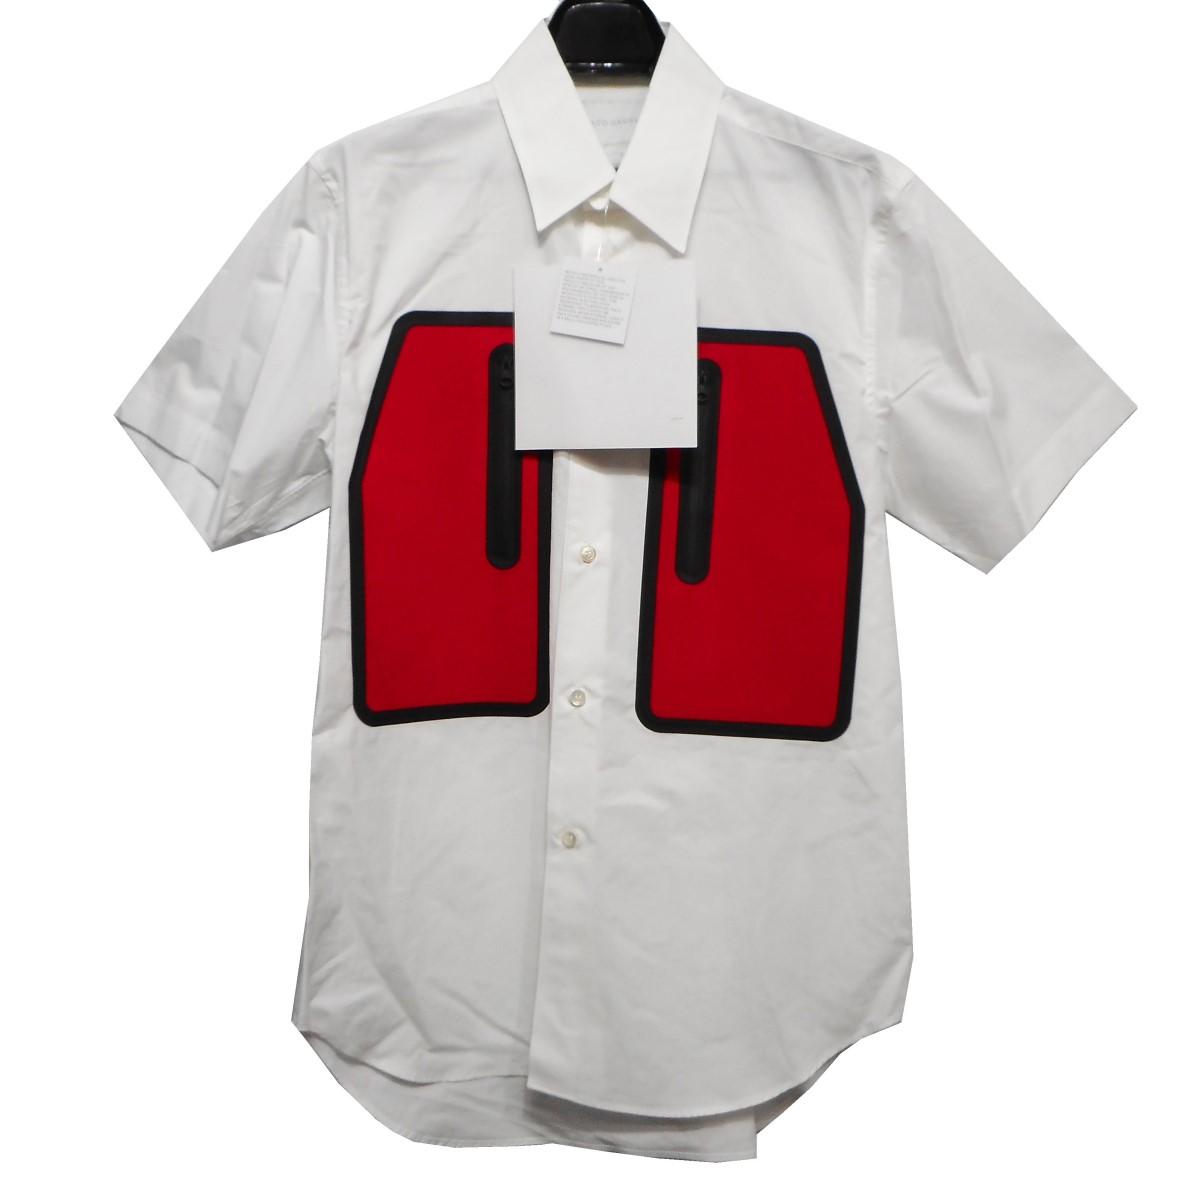 【中古】FUMITO GANRYU 19SS Water Resistant Pockets Shirt 切替ポケットシャツ ホワイト サイズ:2 【100420】(フミト ガンリュウ)